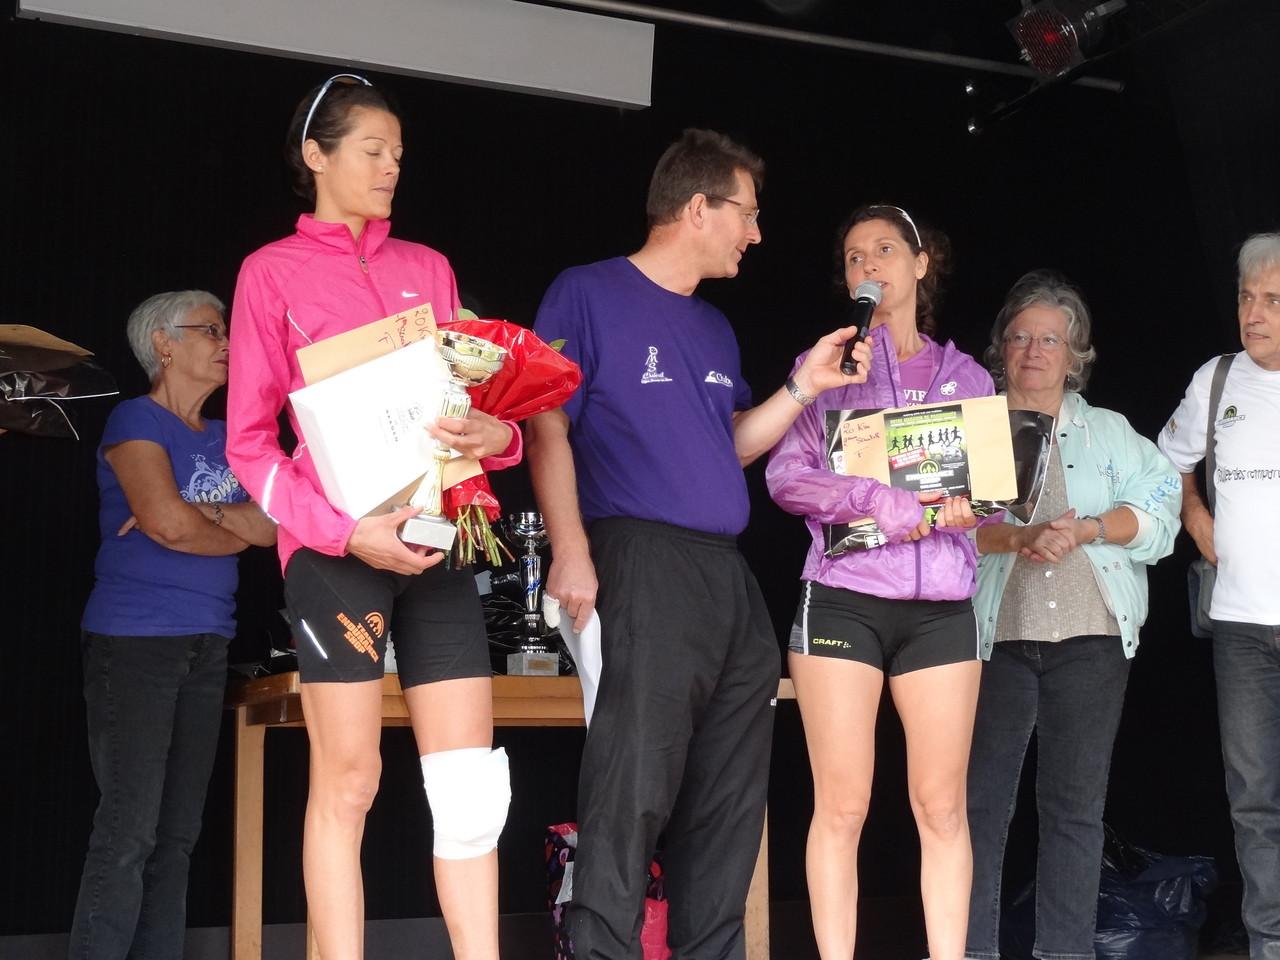 Remises des récompenses aux vainqueurs du 20 km en présence de M. Robert Joux et Mme Janine Alloncle adjoint au maire respectivement a droite et a gauche de la photo,Mme Yolande Saint Claire présidente du CDOTS 07-26